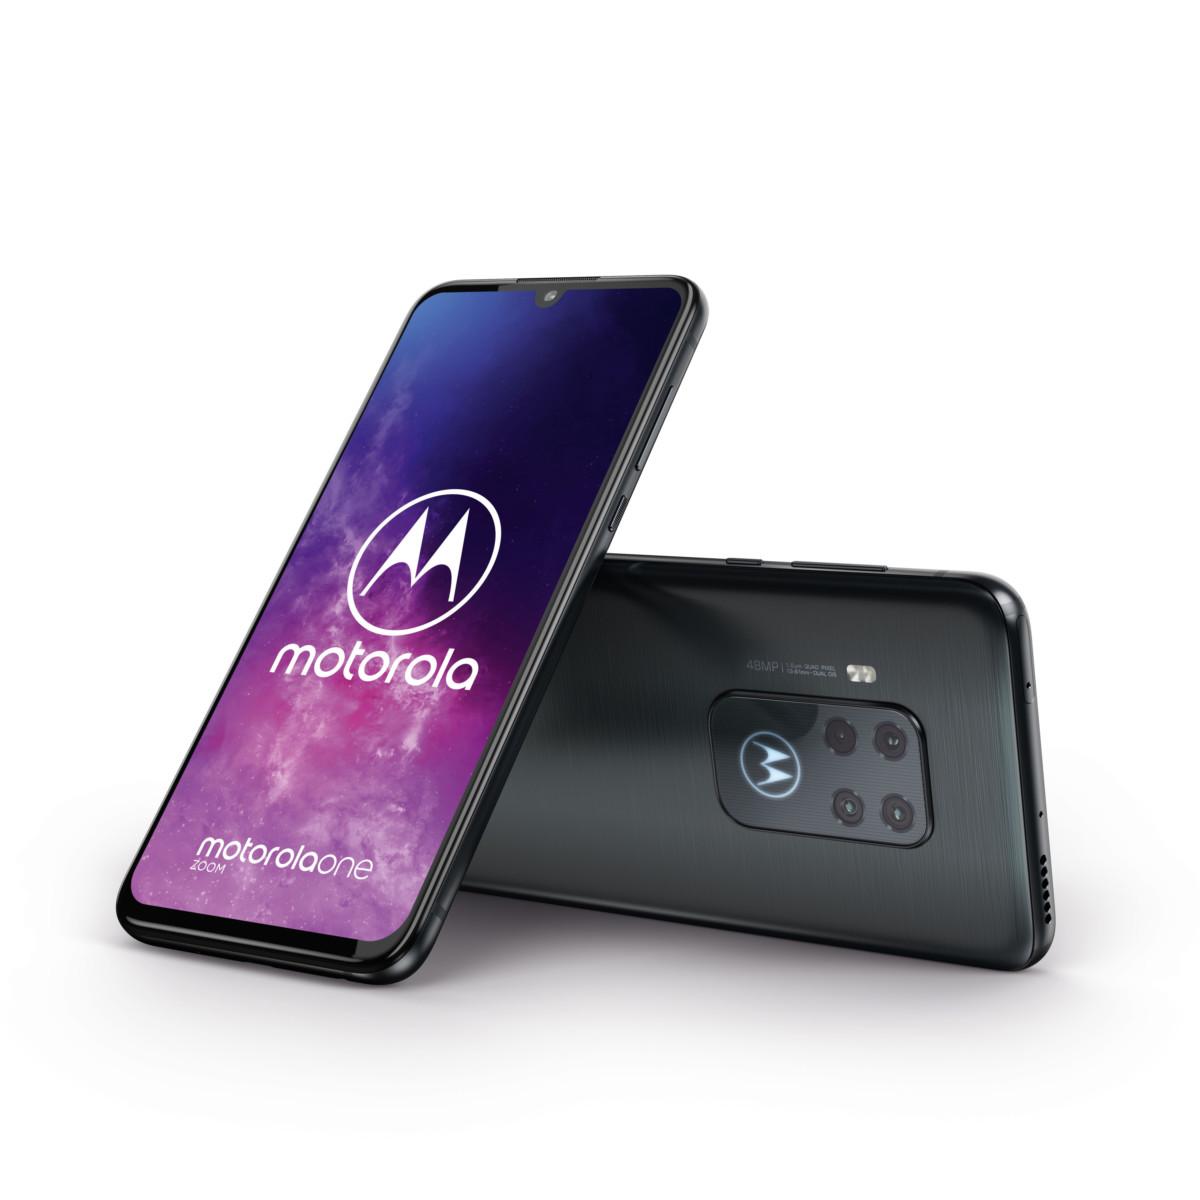 Les Motorola One Zoom et e6 Plus mettent l'accent sur la photo à l'IFA 2019